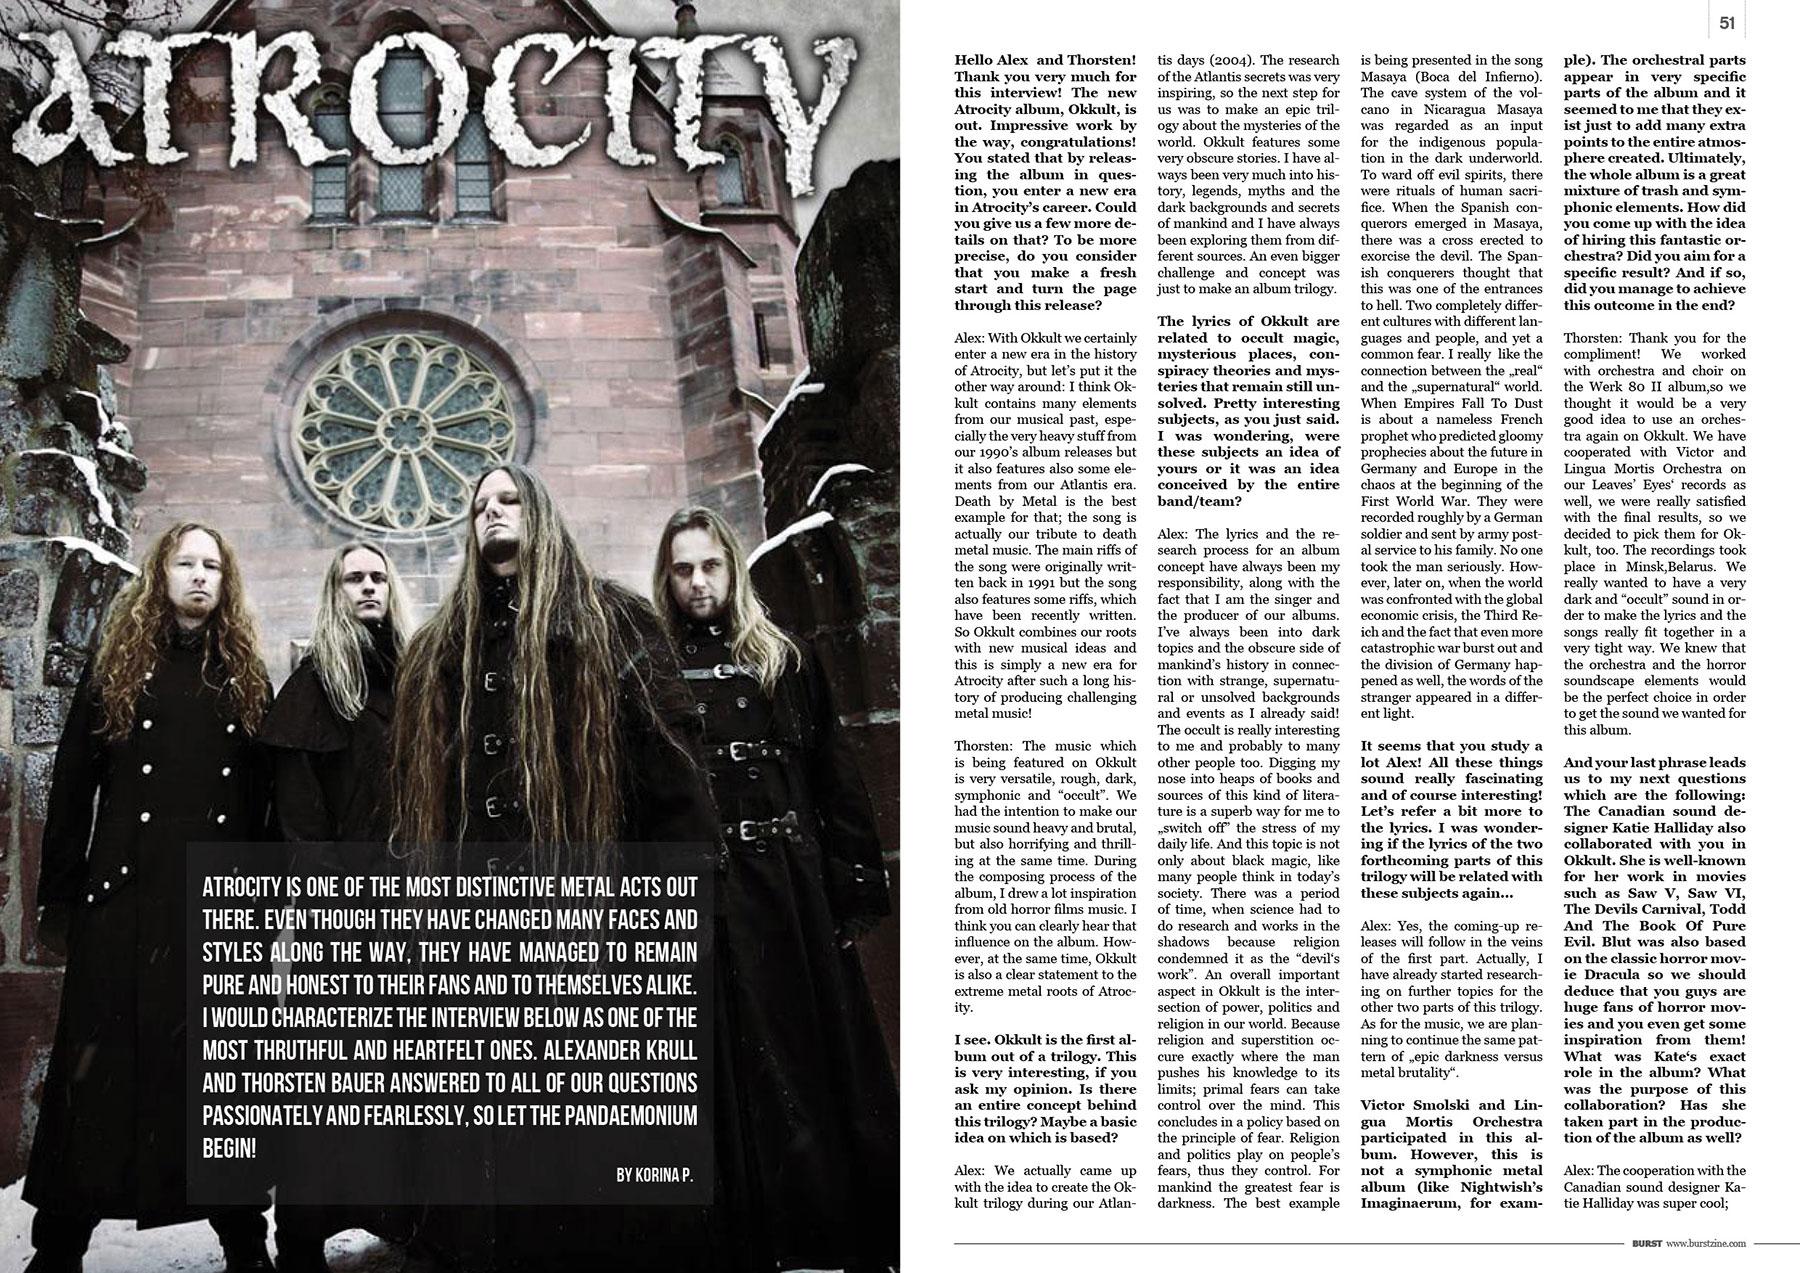 Burst_Magazine_Issue9_September201326